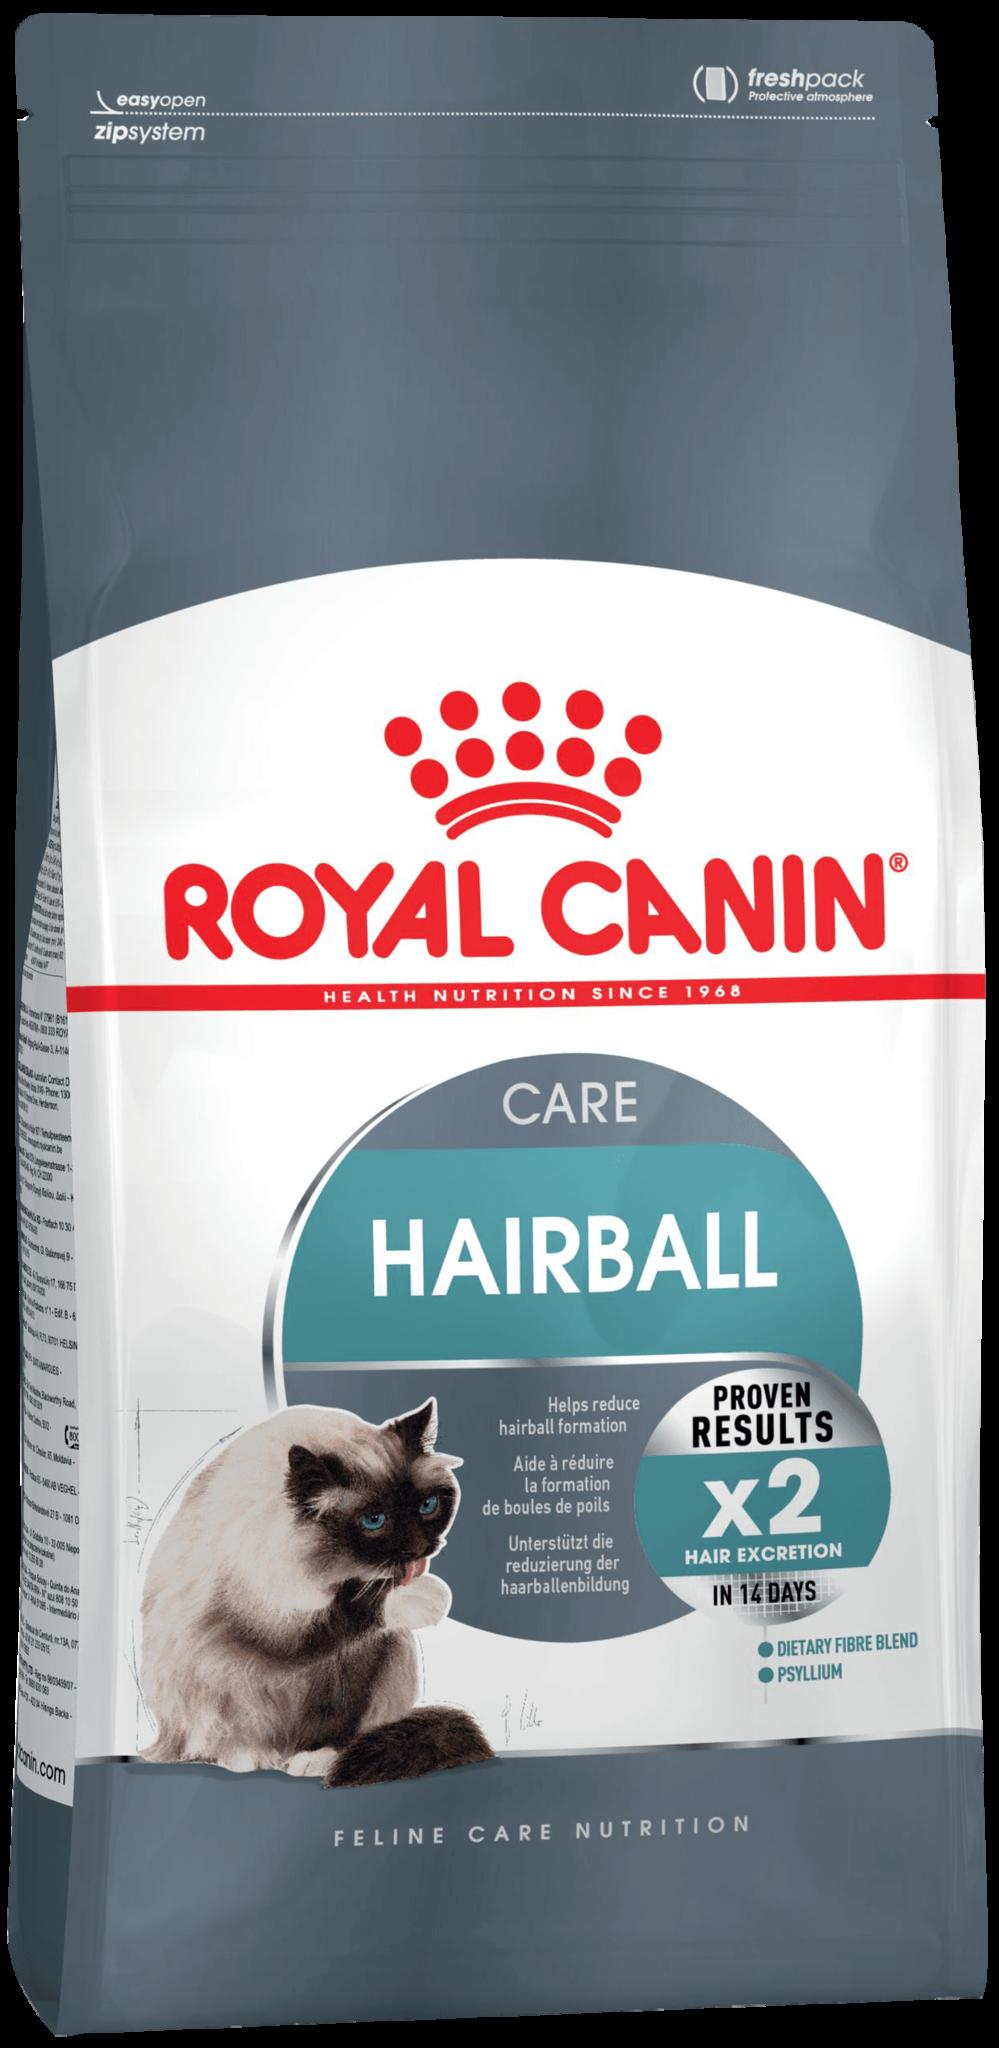 Royal Canin Корм для кошек, Royal Canin Hairball Care, в целях профилактики образования волосяных комочков в желудочно-кишечном тракте f_hairball-care.png